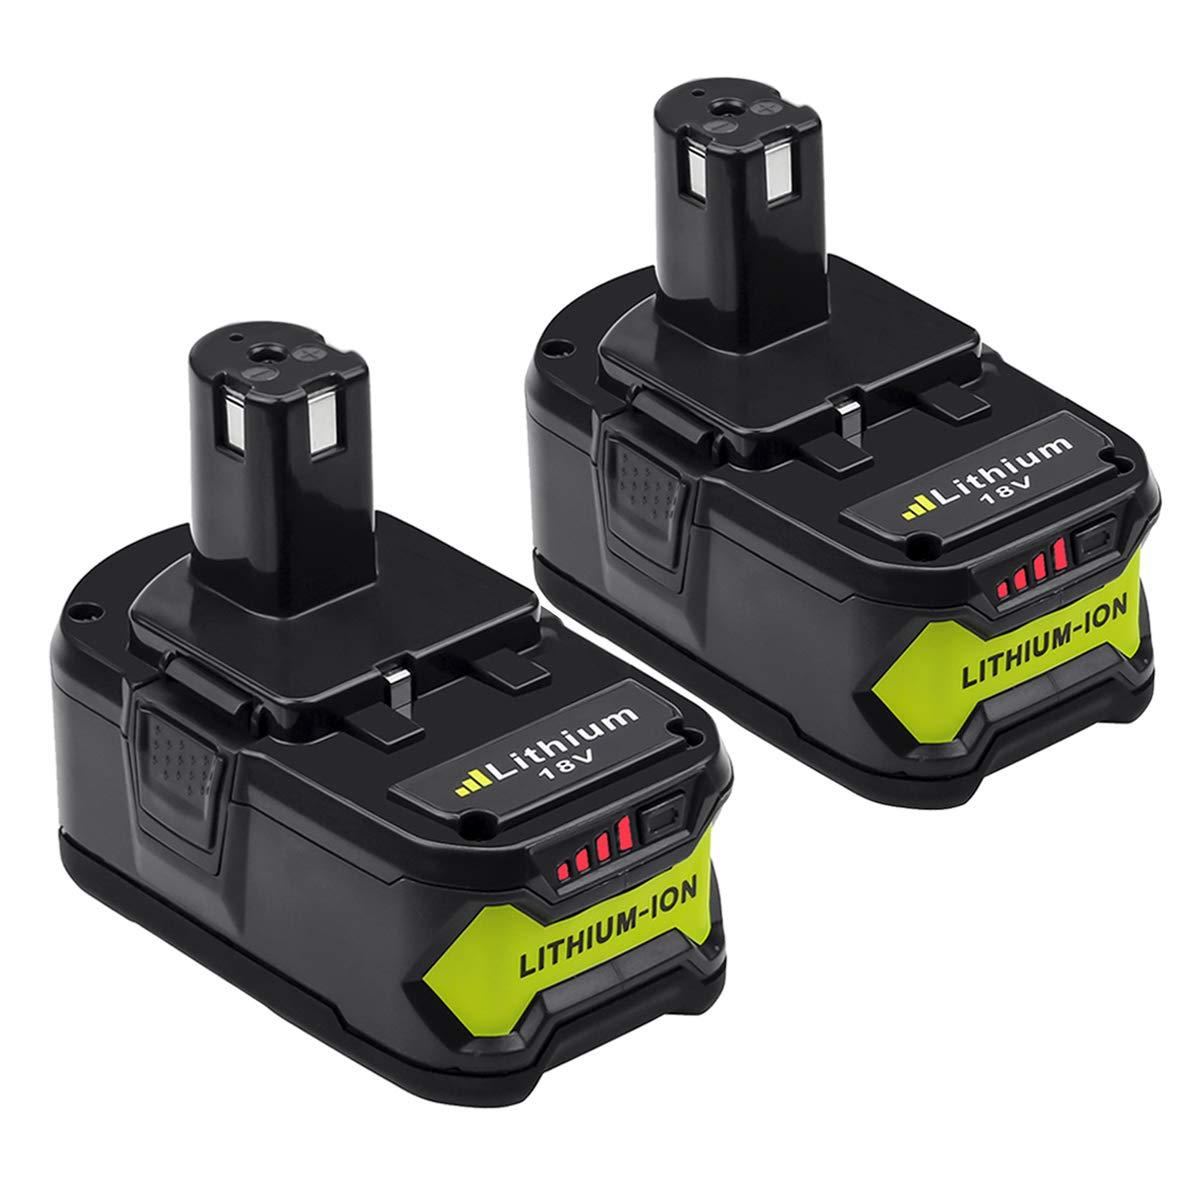 2X Reoben BL1860B 18V 6.0AH Li-ion Battery Pack for Makita BL1860B BL1850B BL1840B BL1830B BL1860 BL1850 BL1840 BL1830